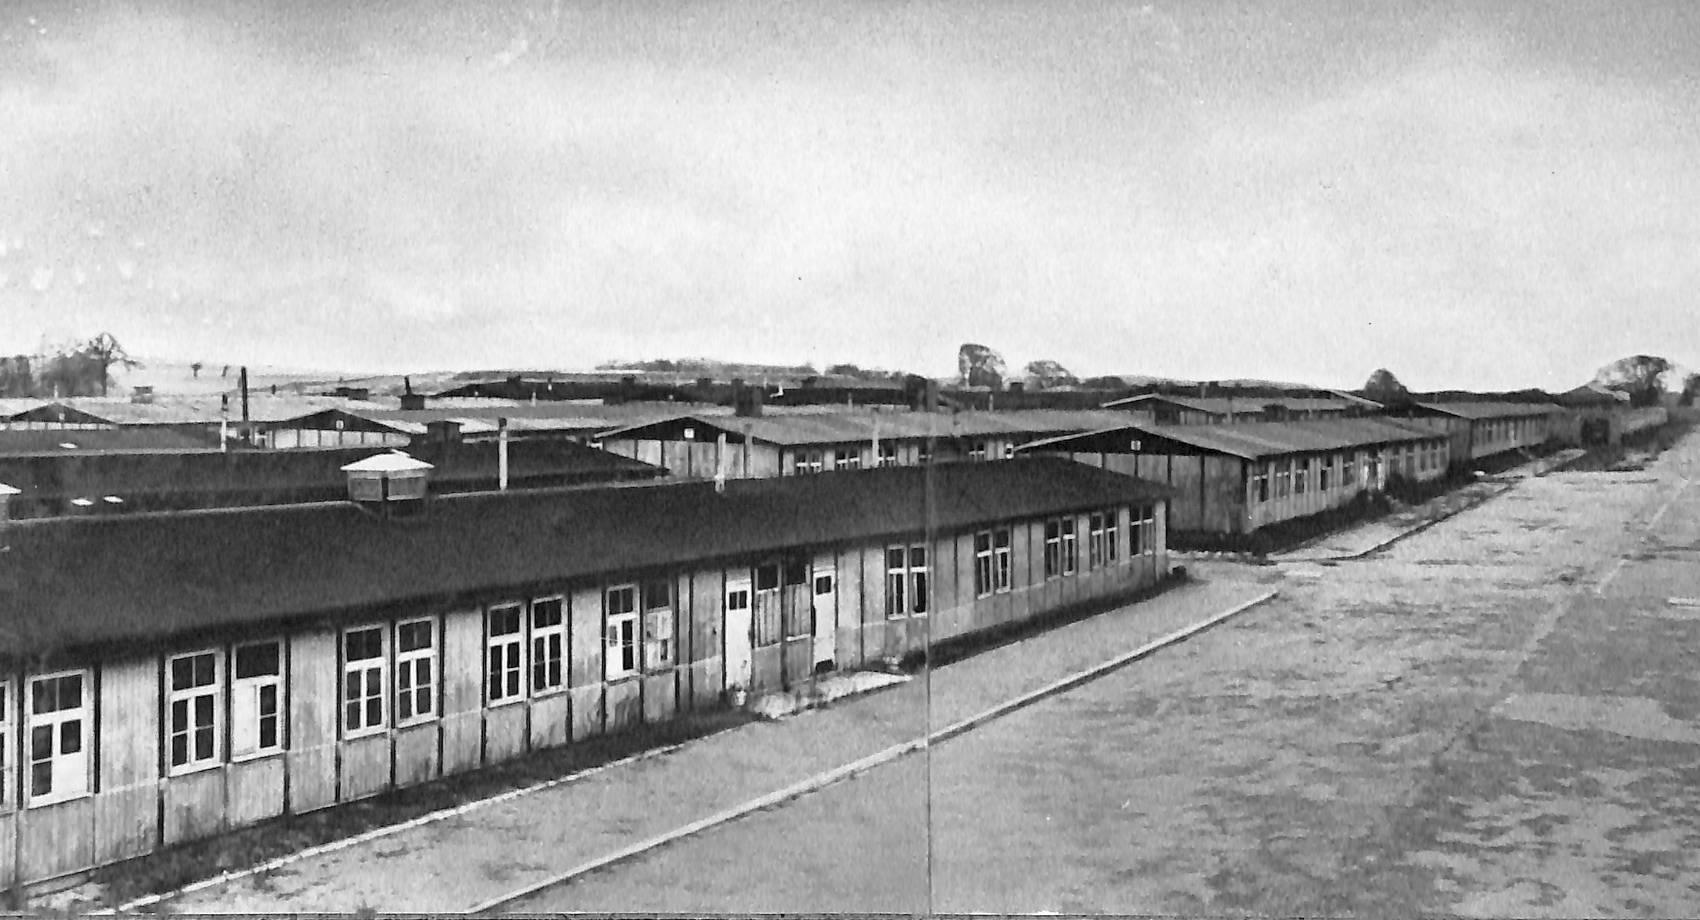 Le camp de Mauthausen, dans les années 1940 et aujourd'hui